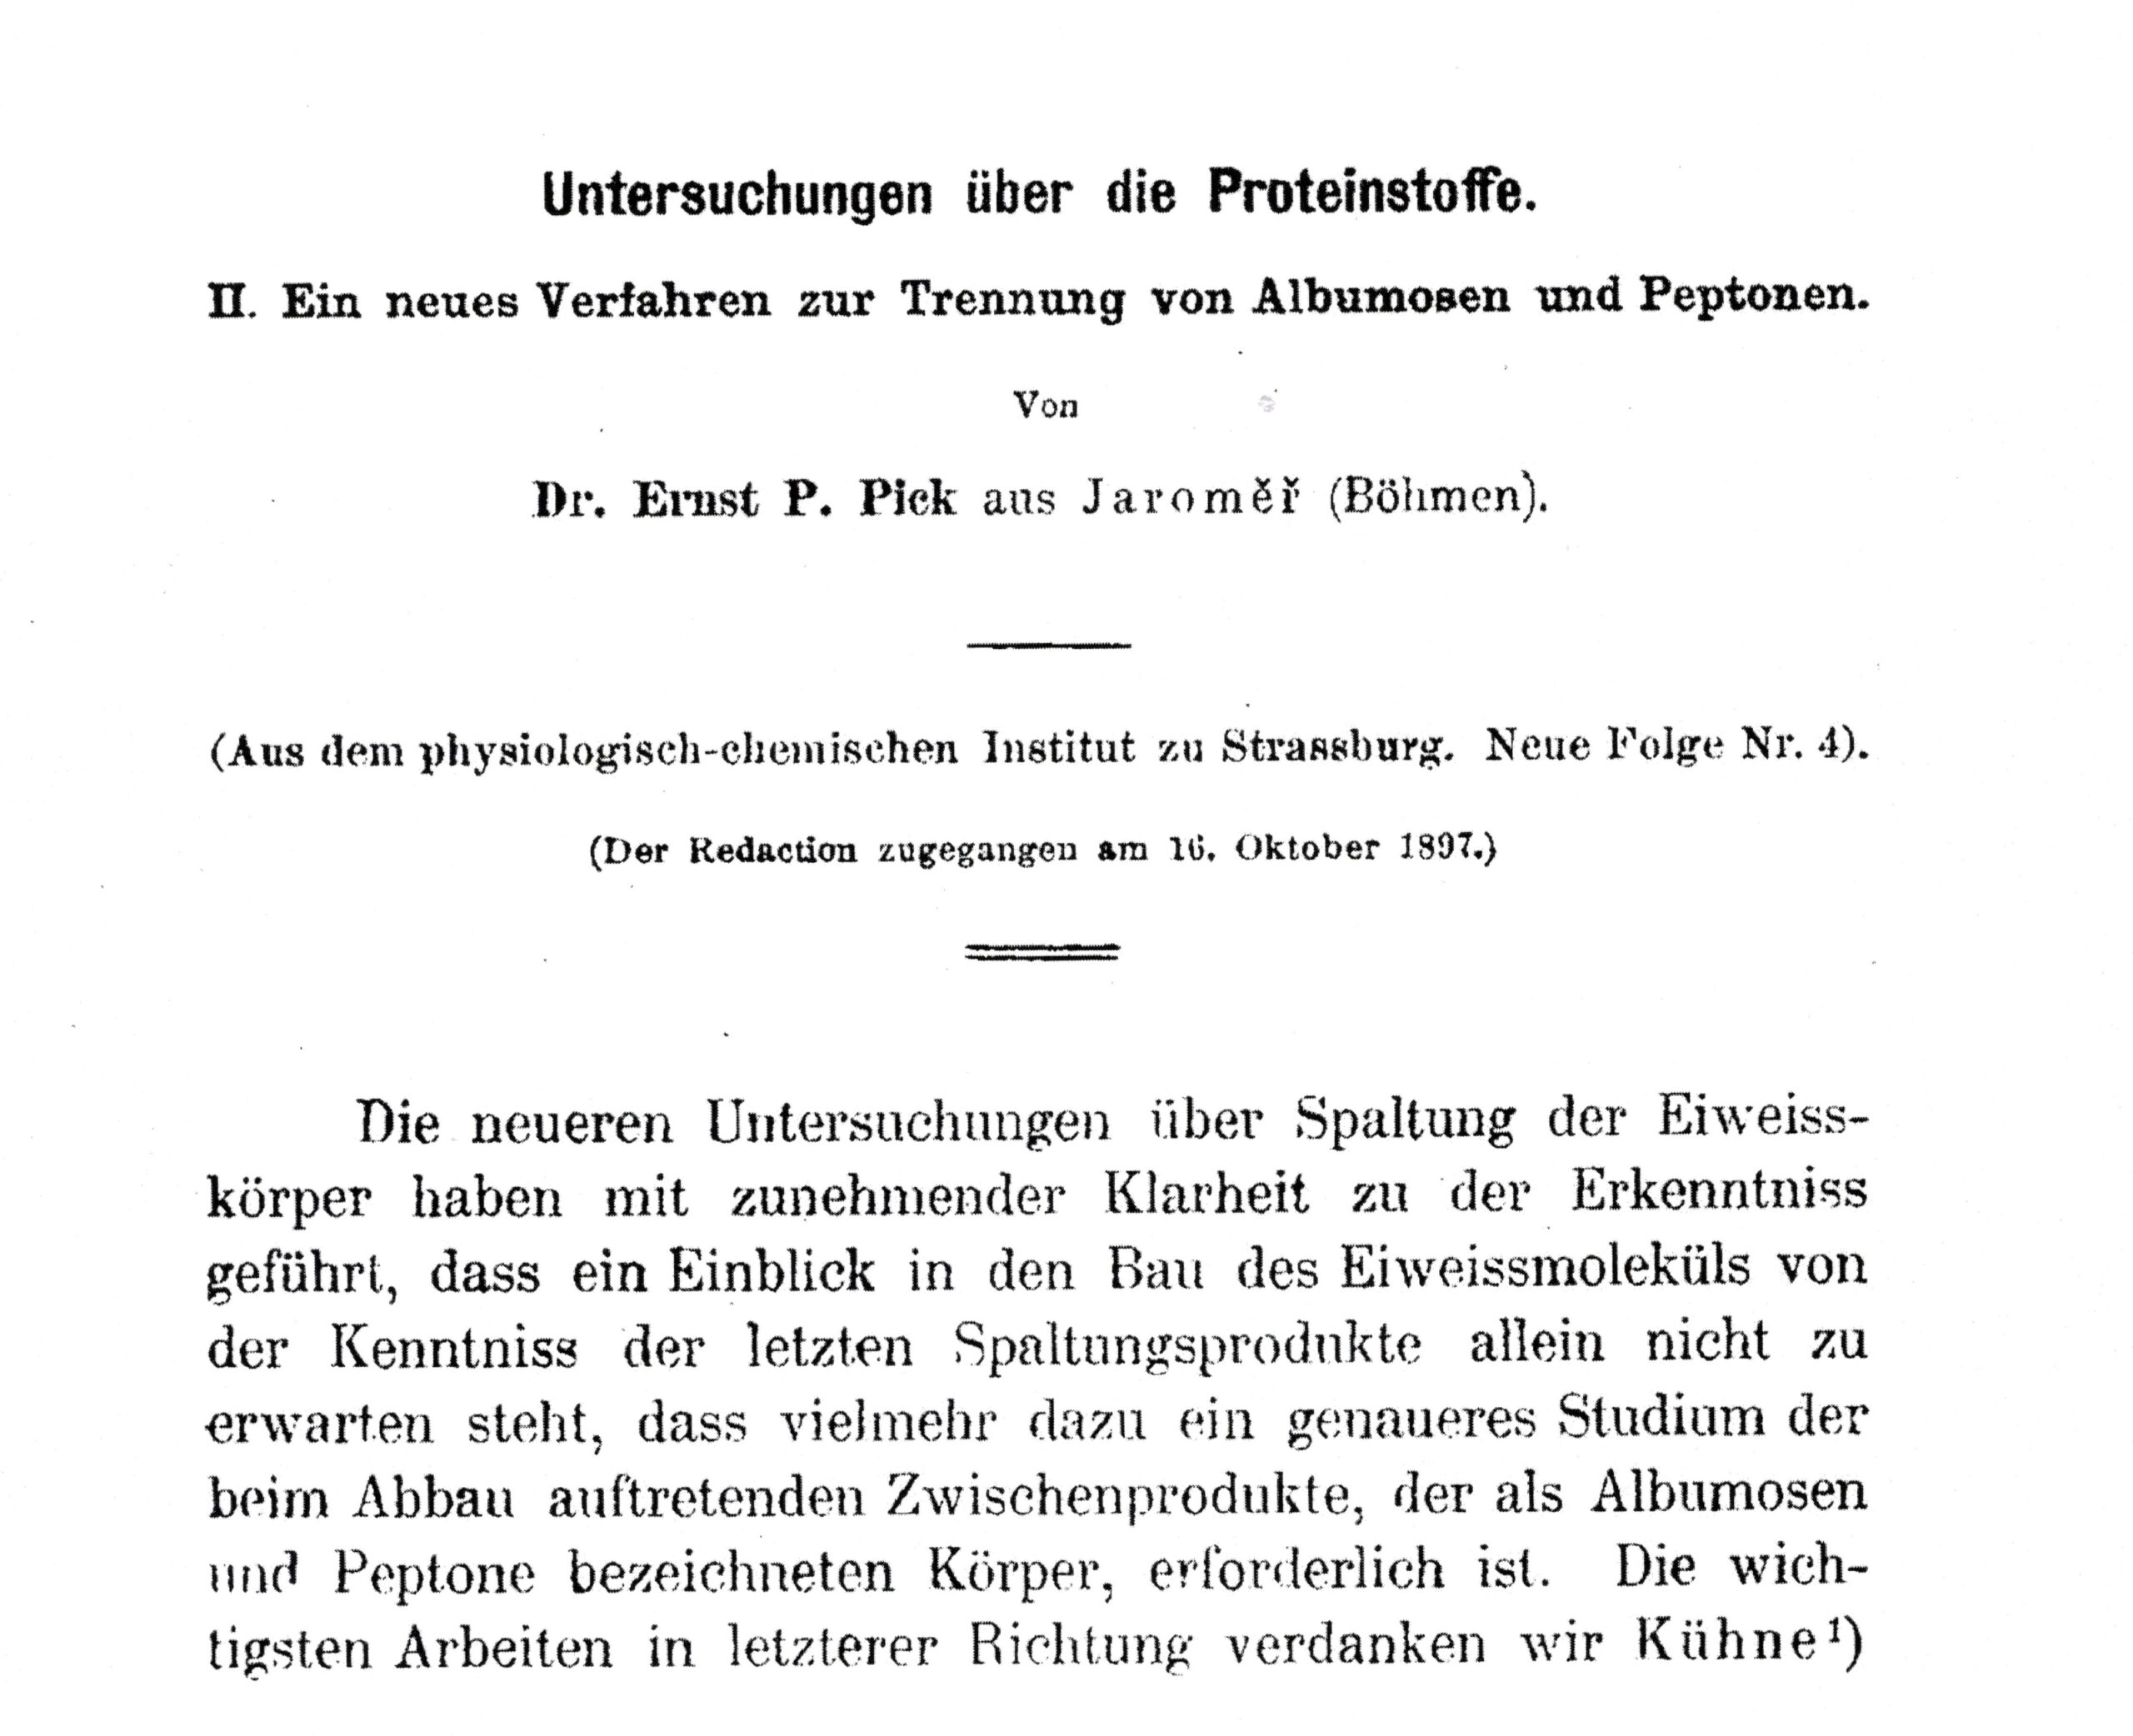 Hoppe-Seyler's Ztschr physiol Chem 1897